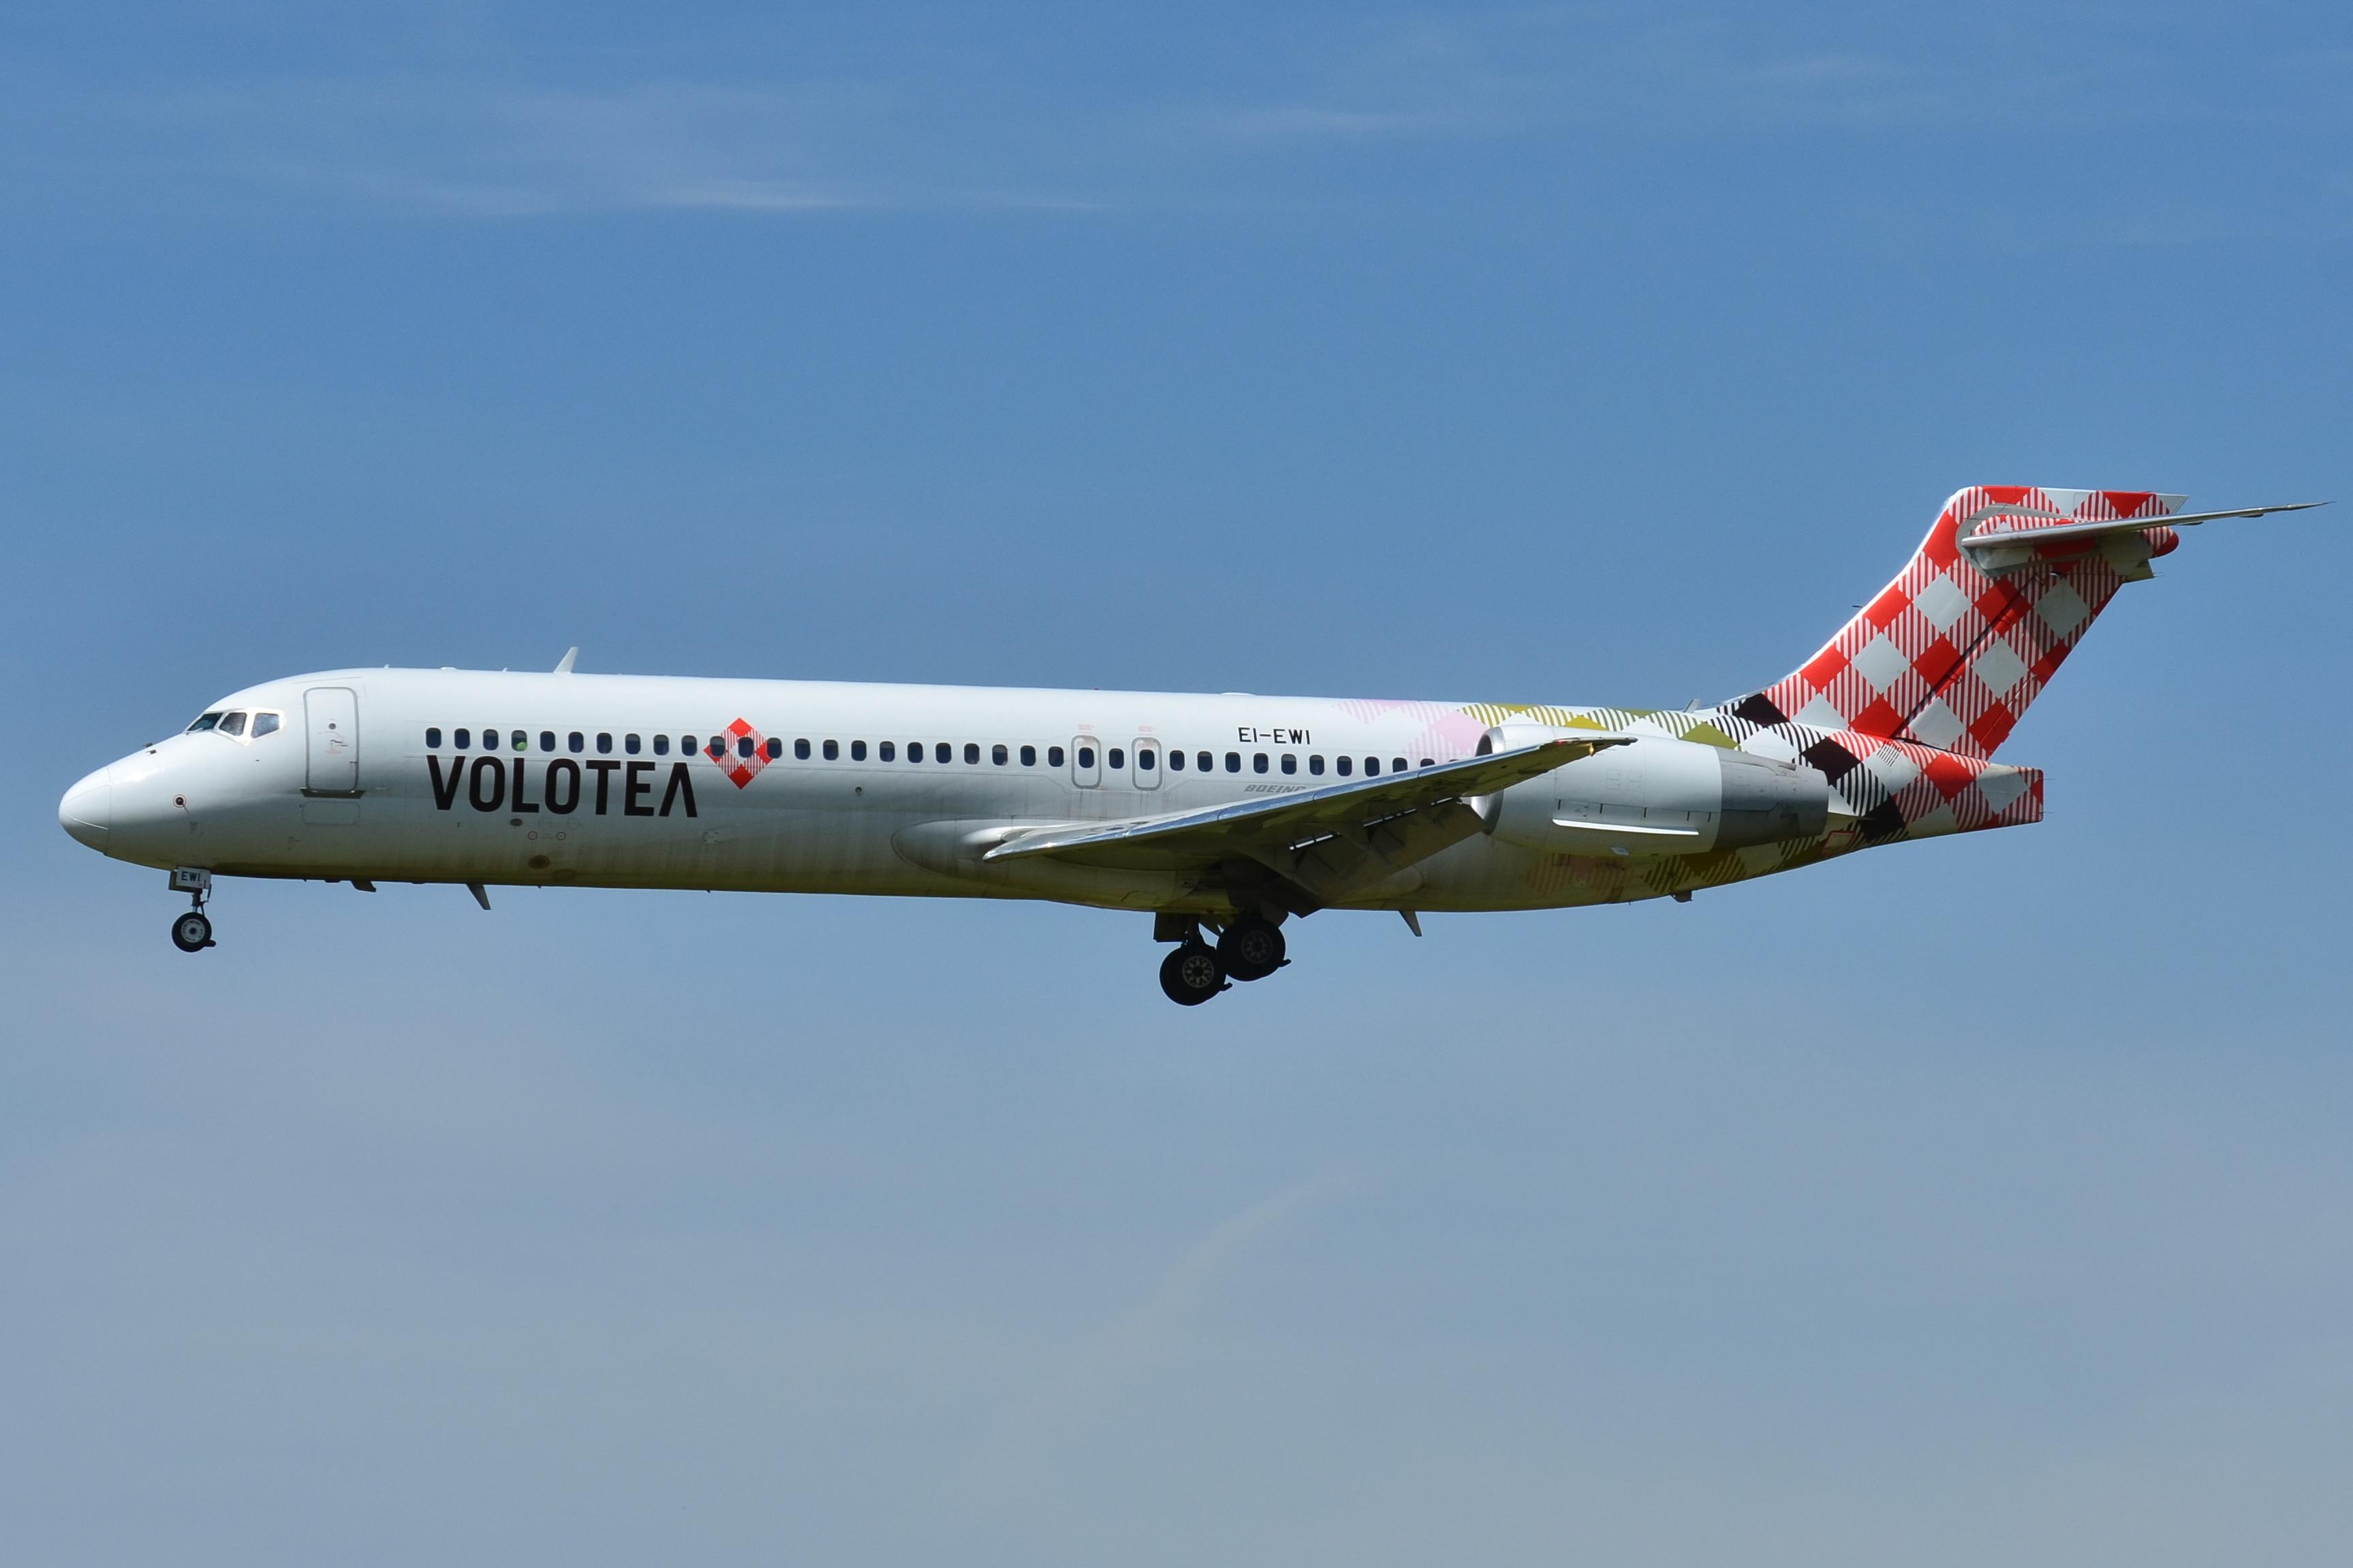 Offerte Volotea: voli a partire da 6 euro!